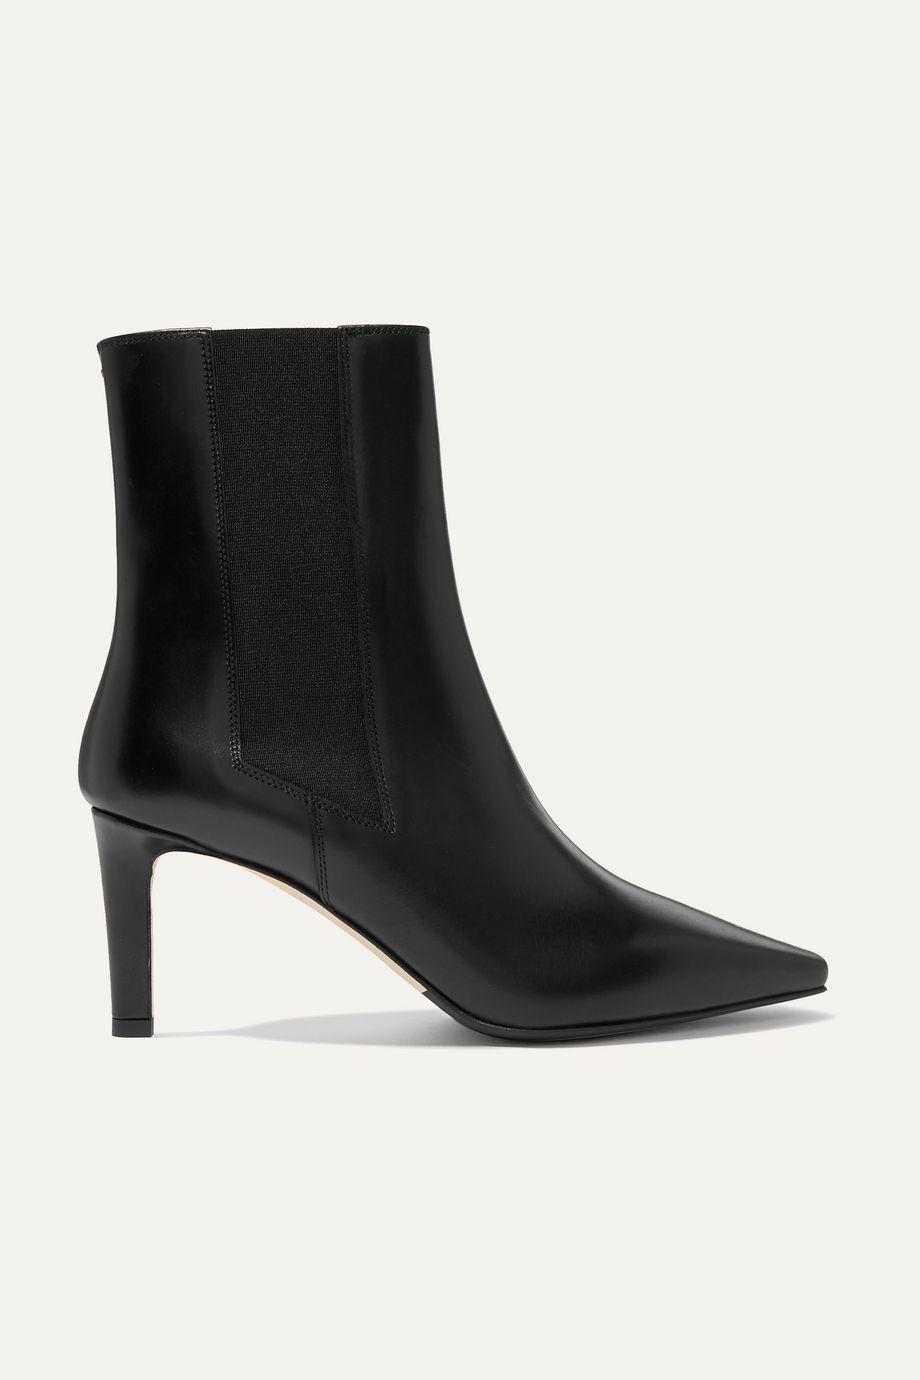 aeydē Leila leather ankle boots